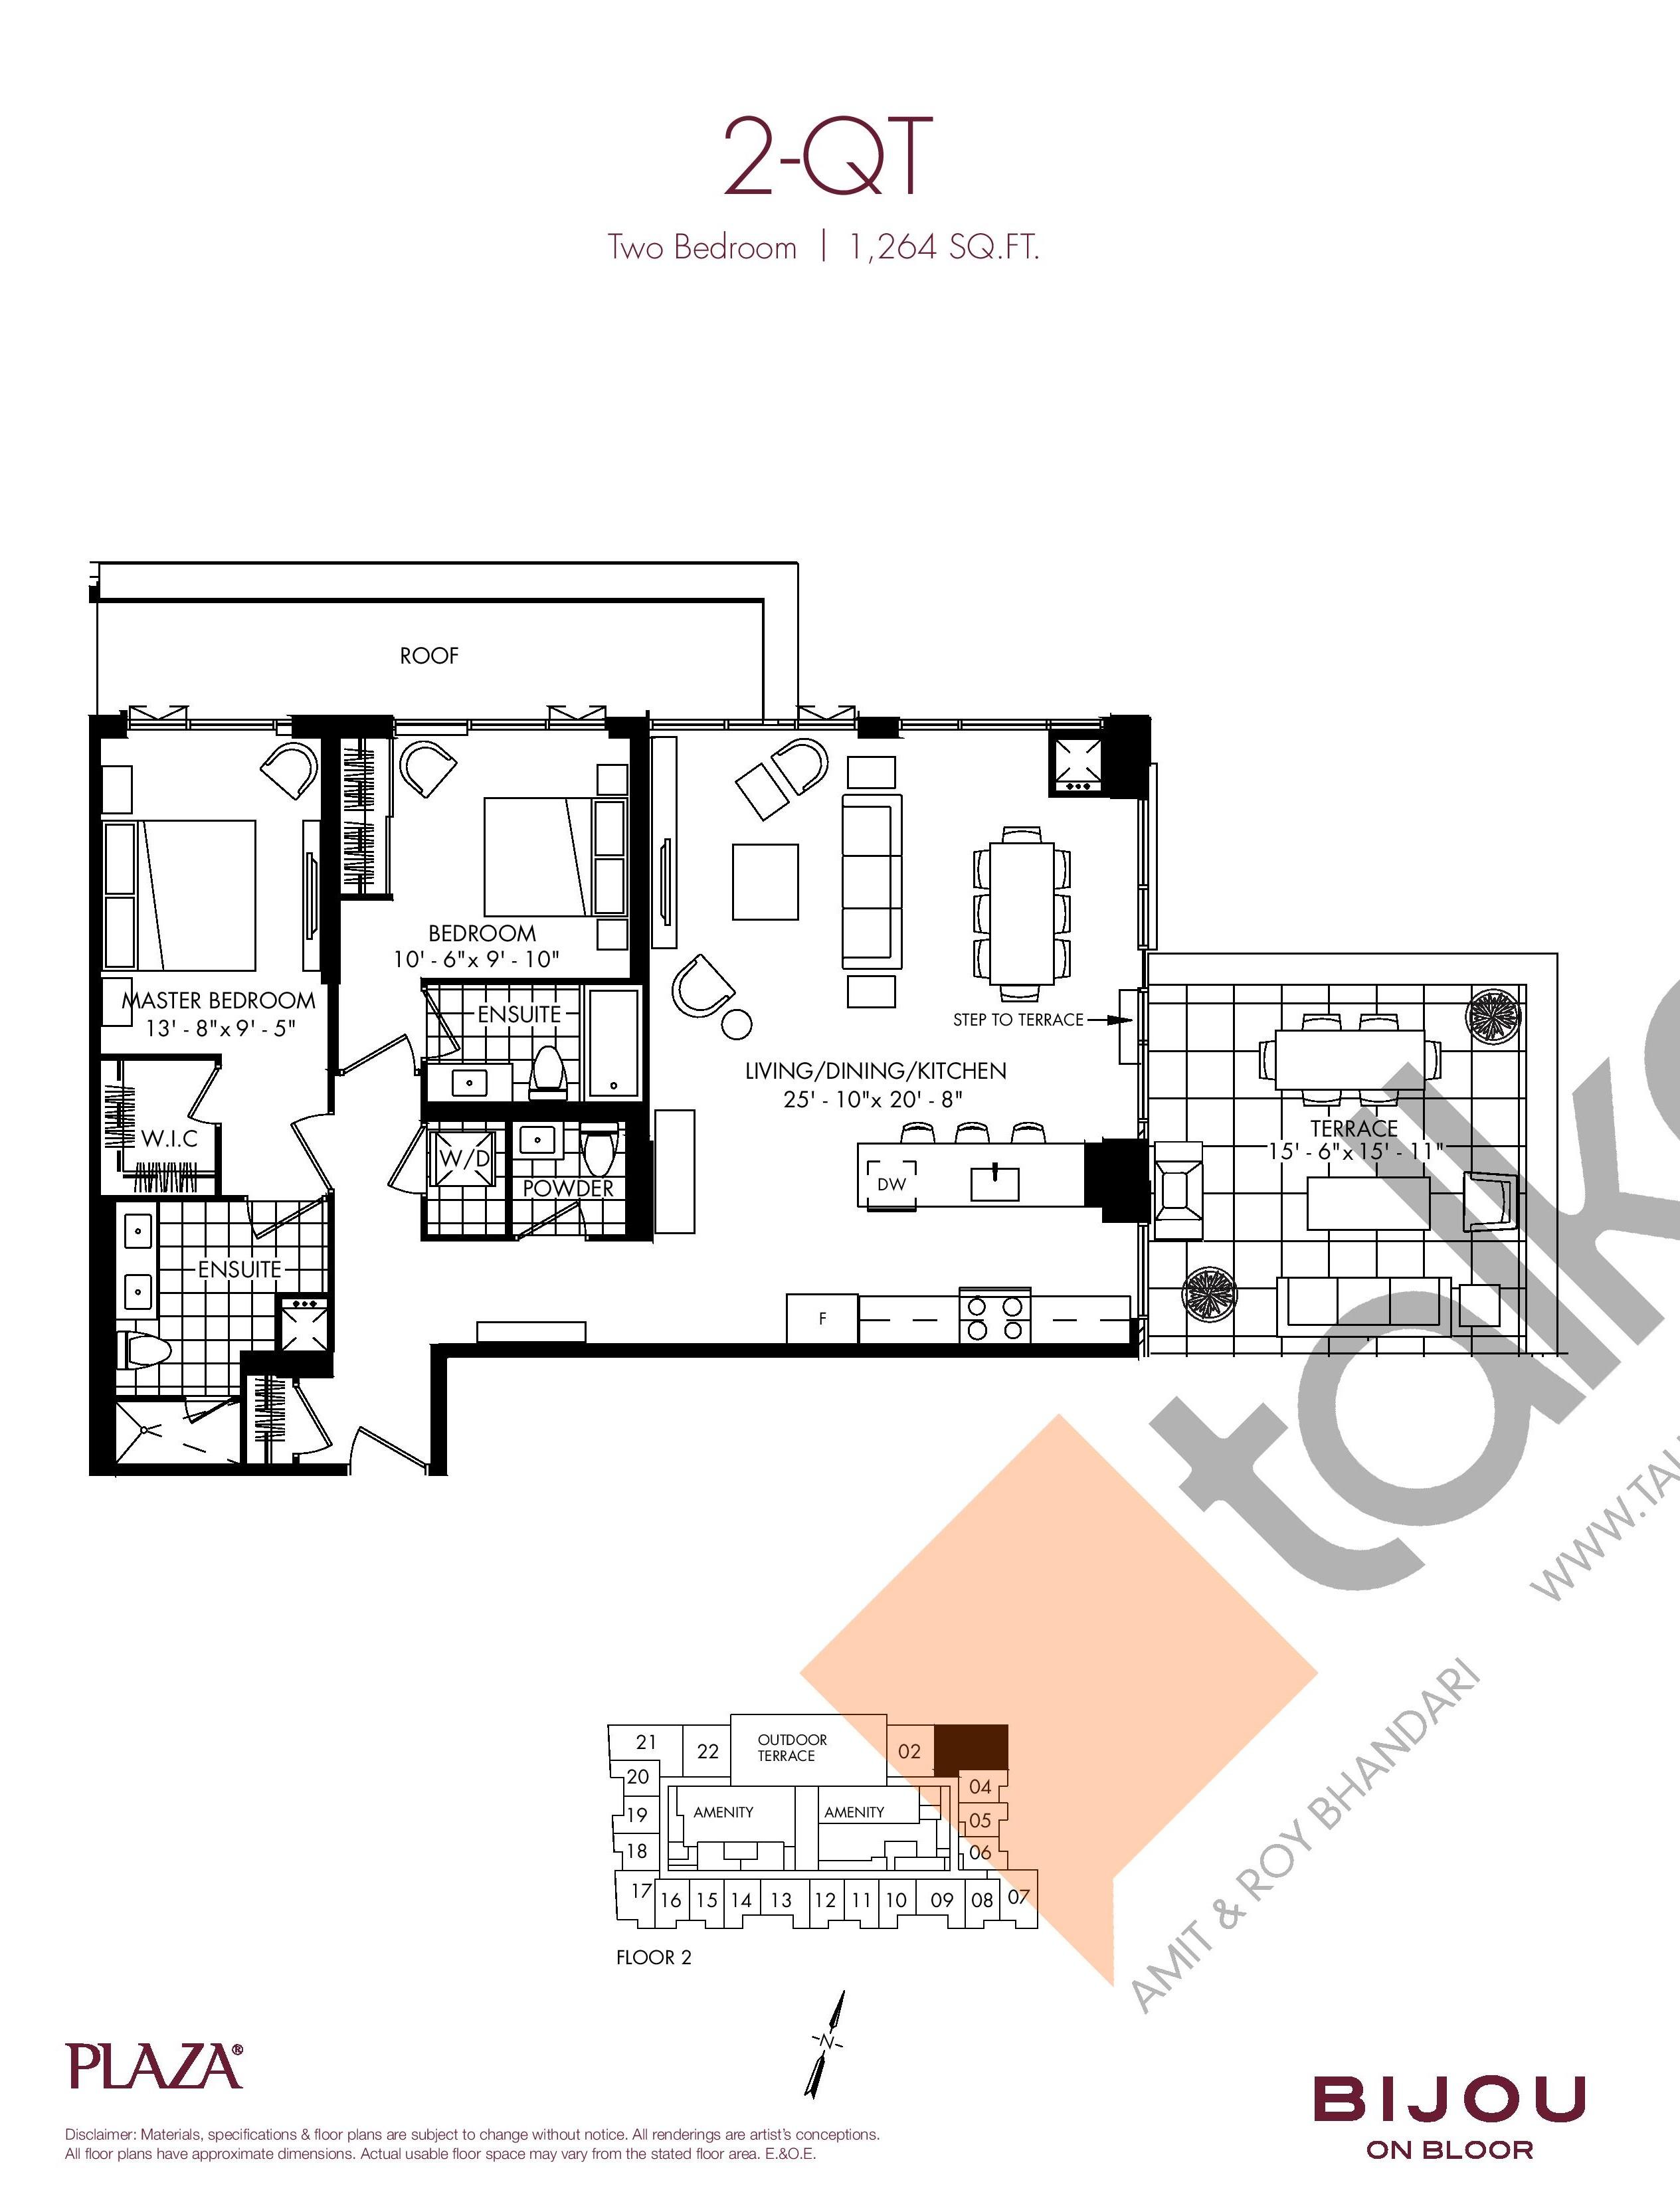 2-QT Floor Plan at Bijou On Bloor Condos - 1264 sq.ft